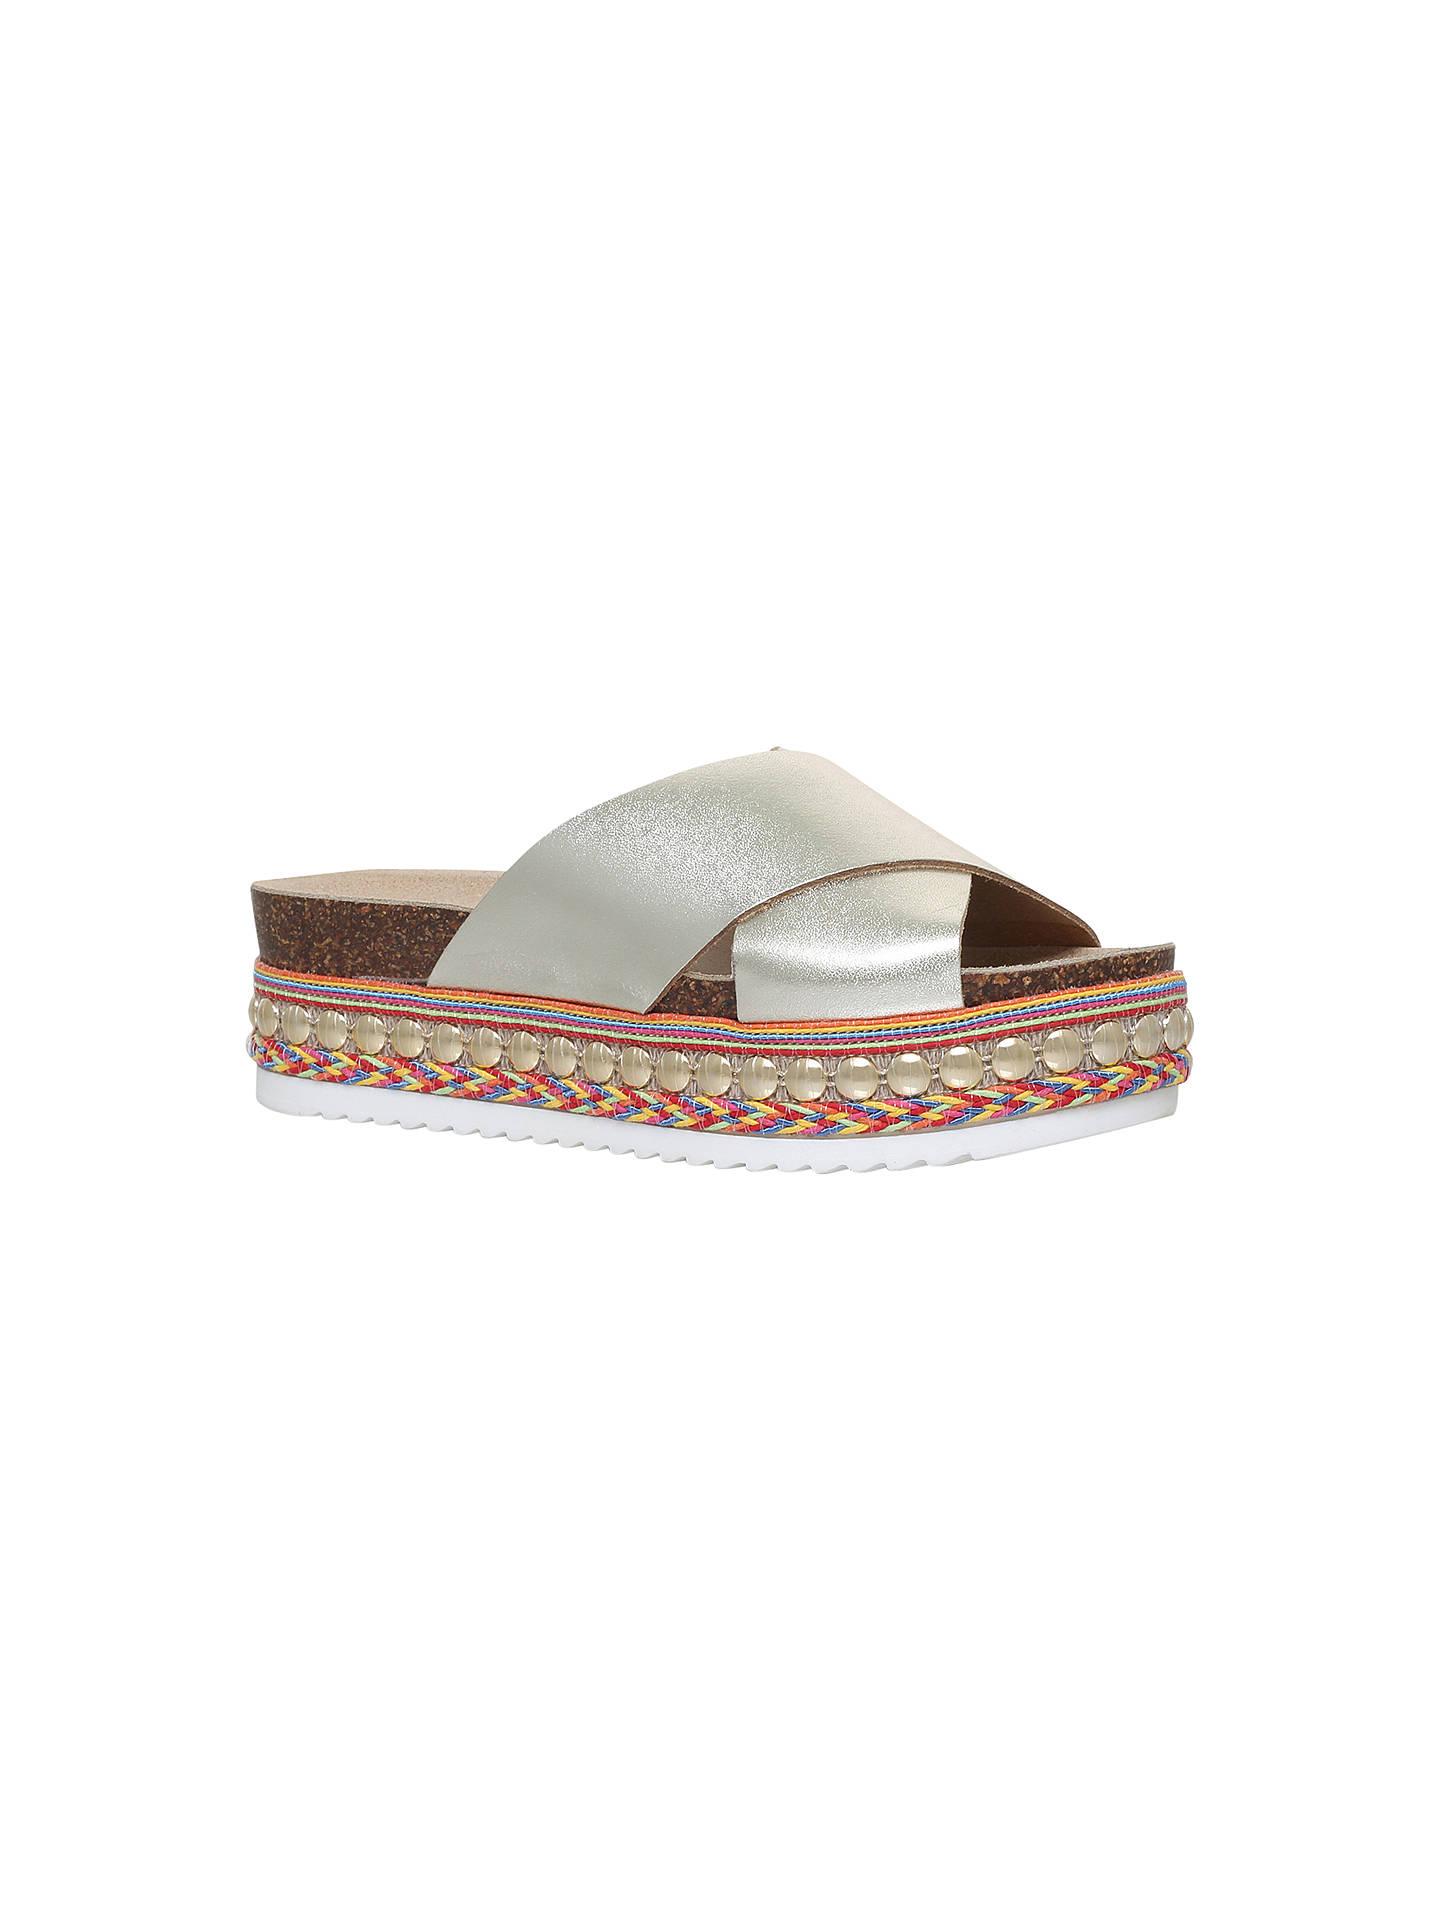 40fa459d580 Carvela Kake Flatform Slider Sandals, Gold